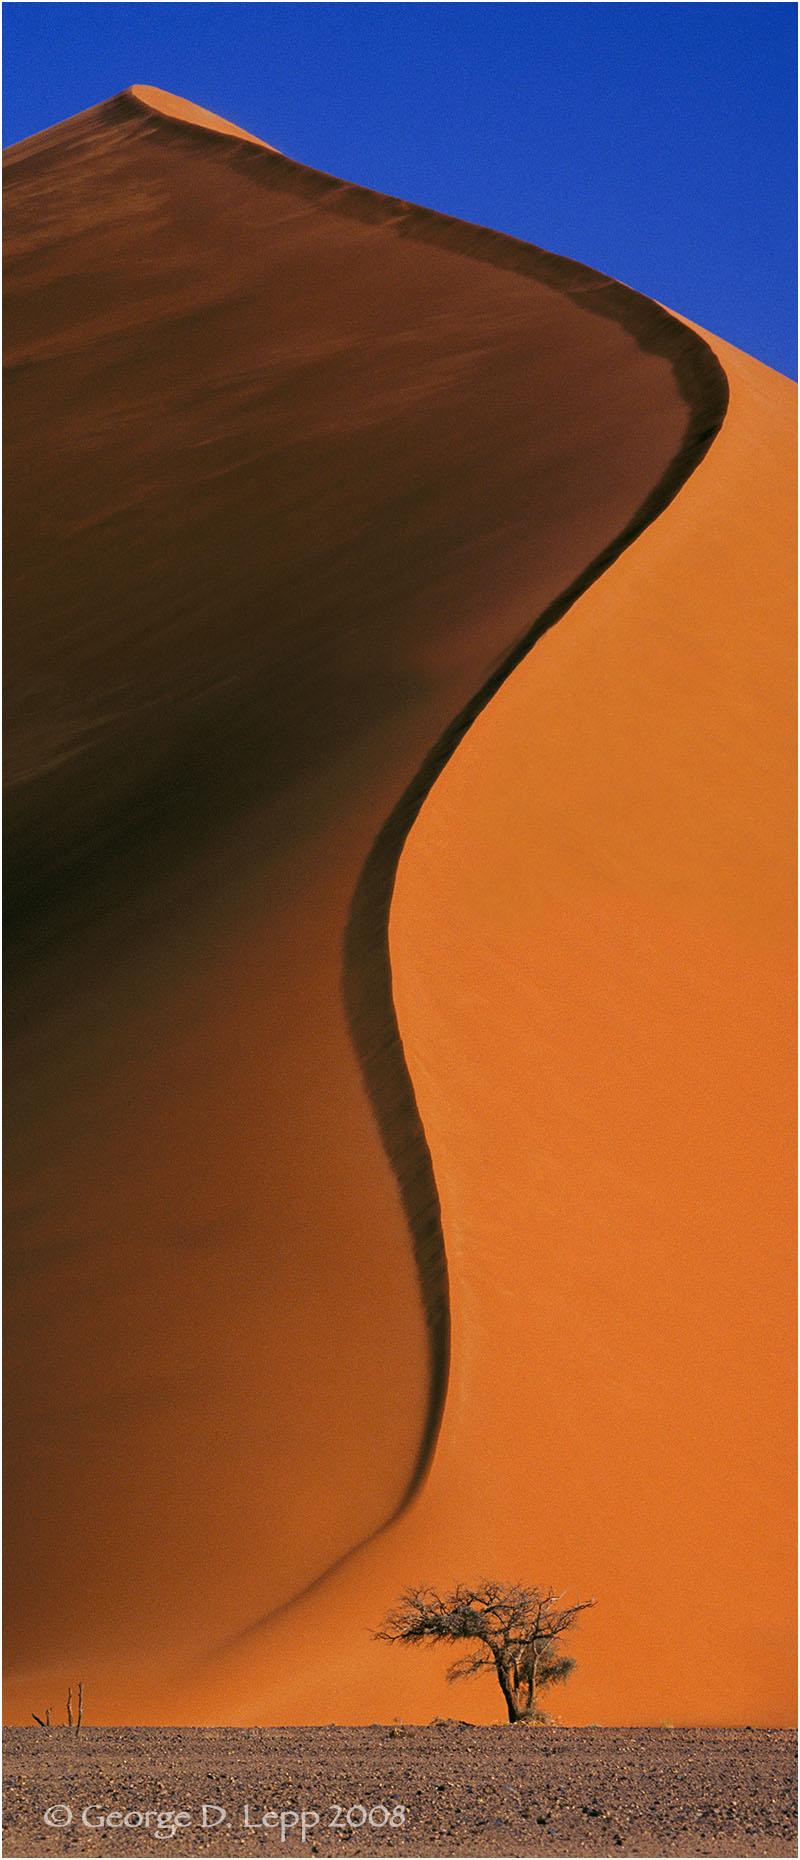 Giant sand dune in Namibia. © George D. Lepp 2008 LA-AF-NA-0016